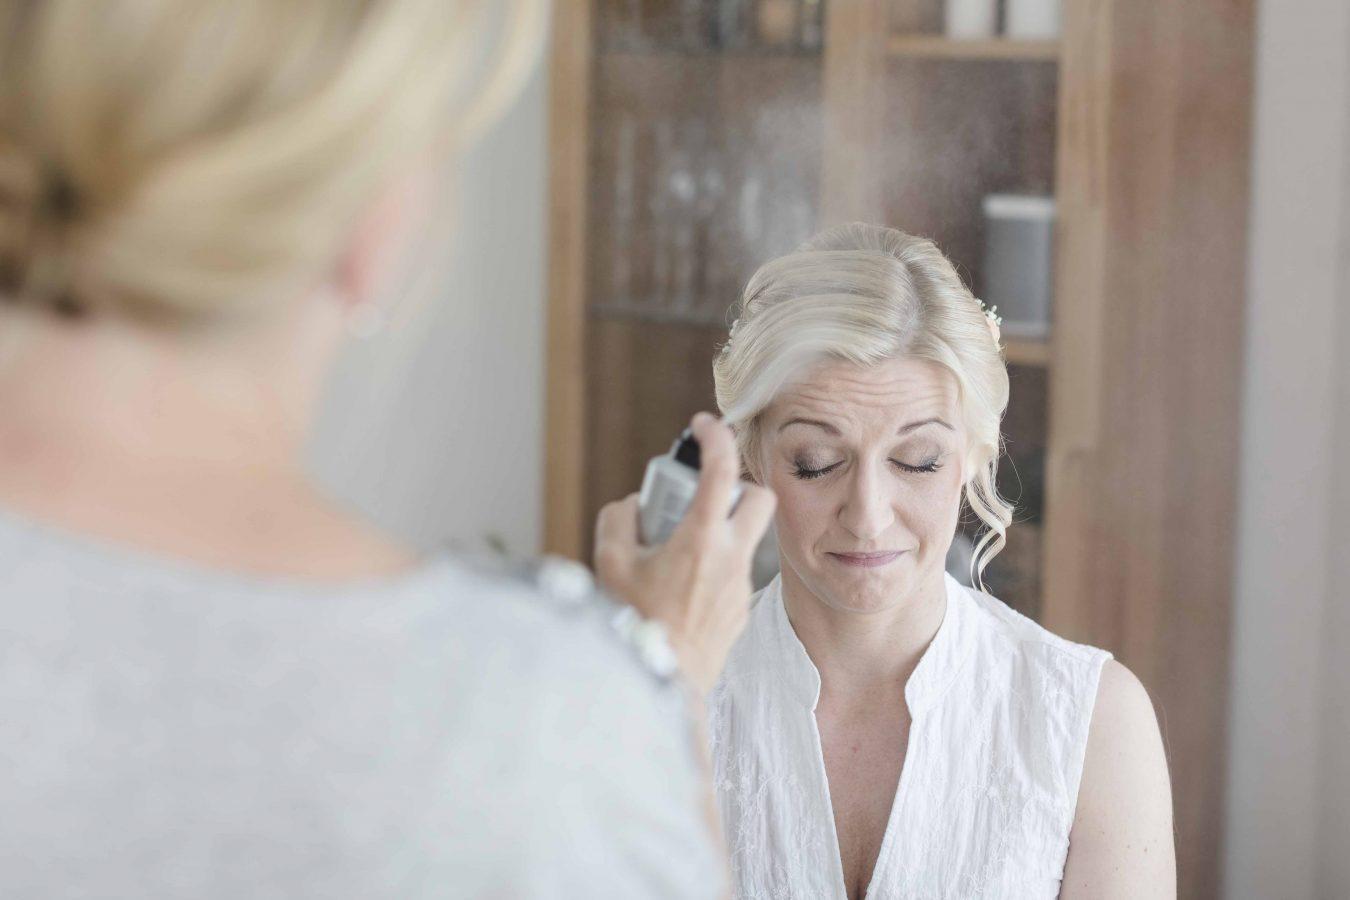 Getting Ready der Braut - die Frisur wird mit Haarspray fixiert